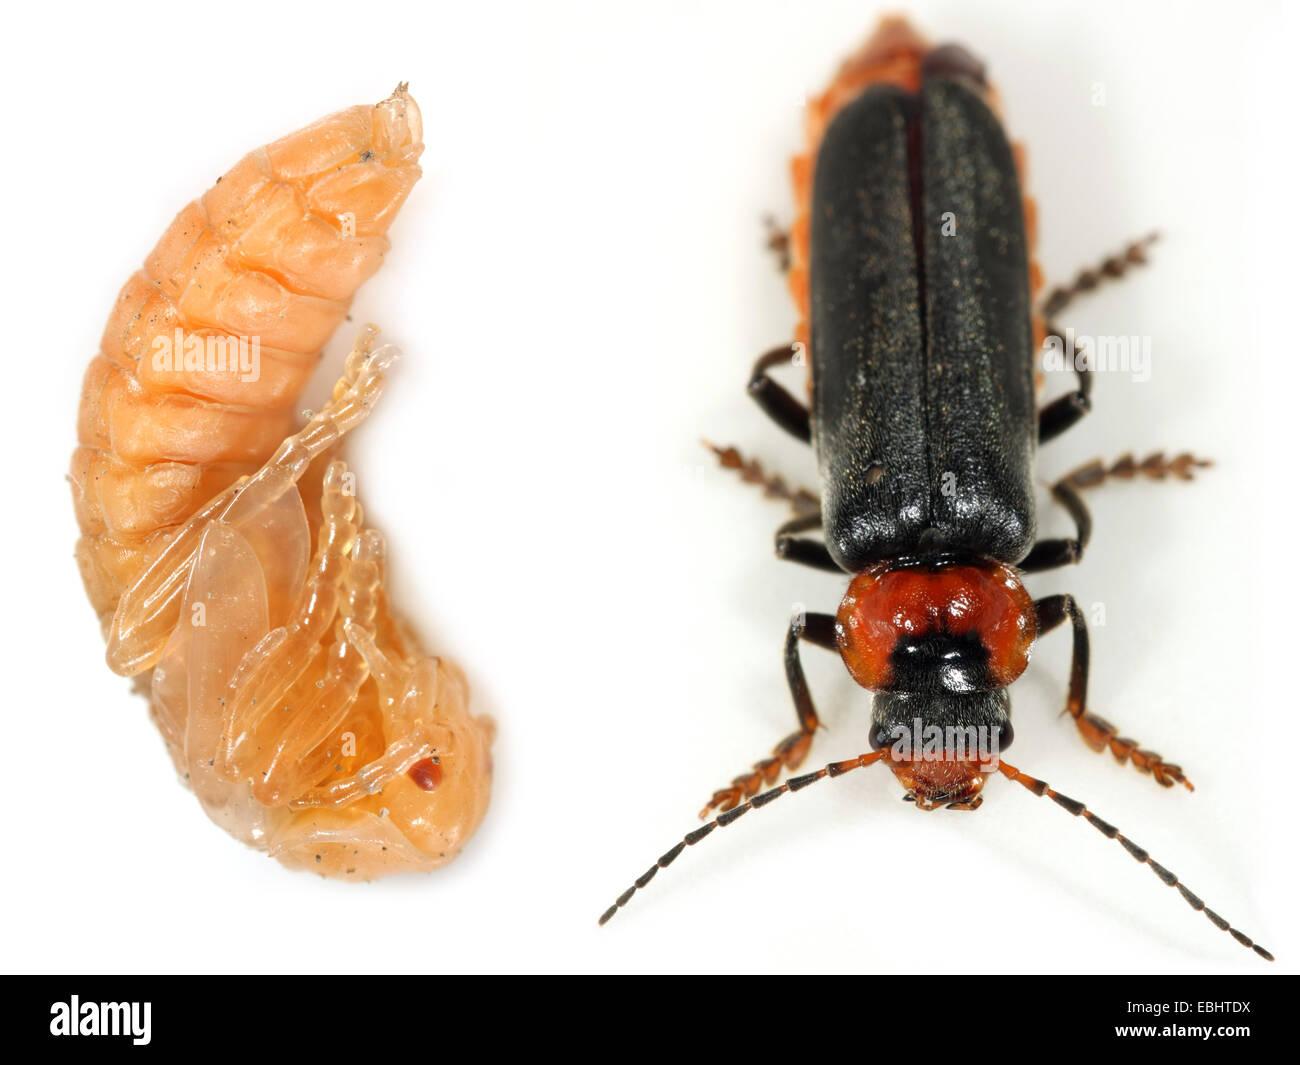 Un soldato scarabeo o leatherwing (Cantharis fusca) come pupa e nel finale di imago fase. Immagini Stock